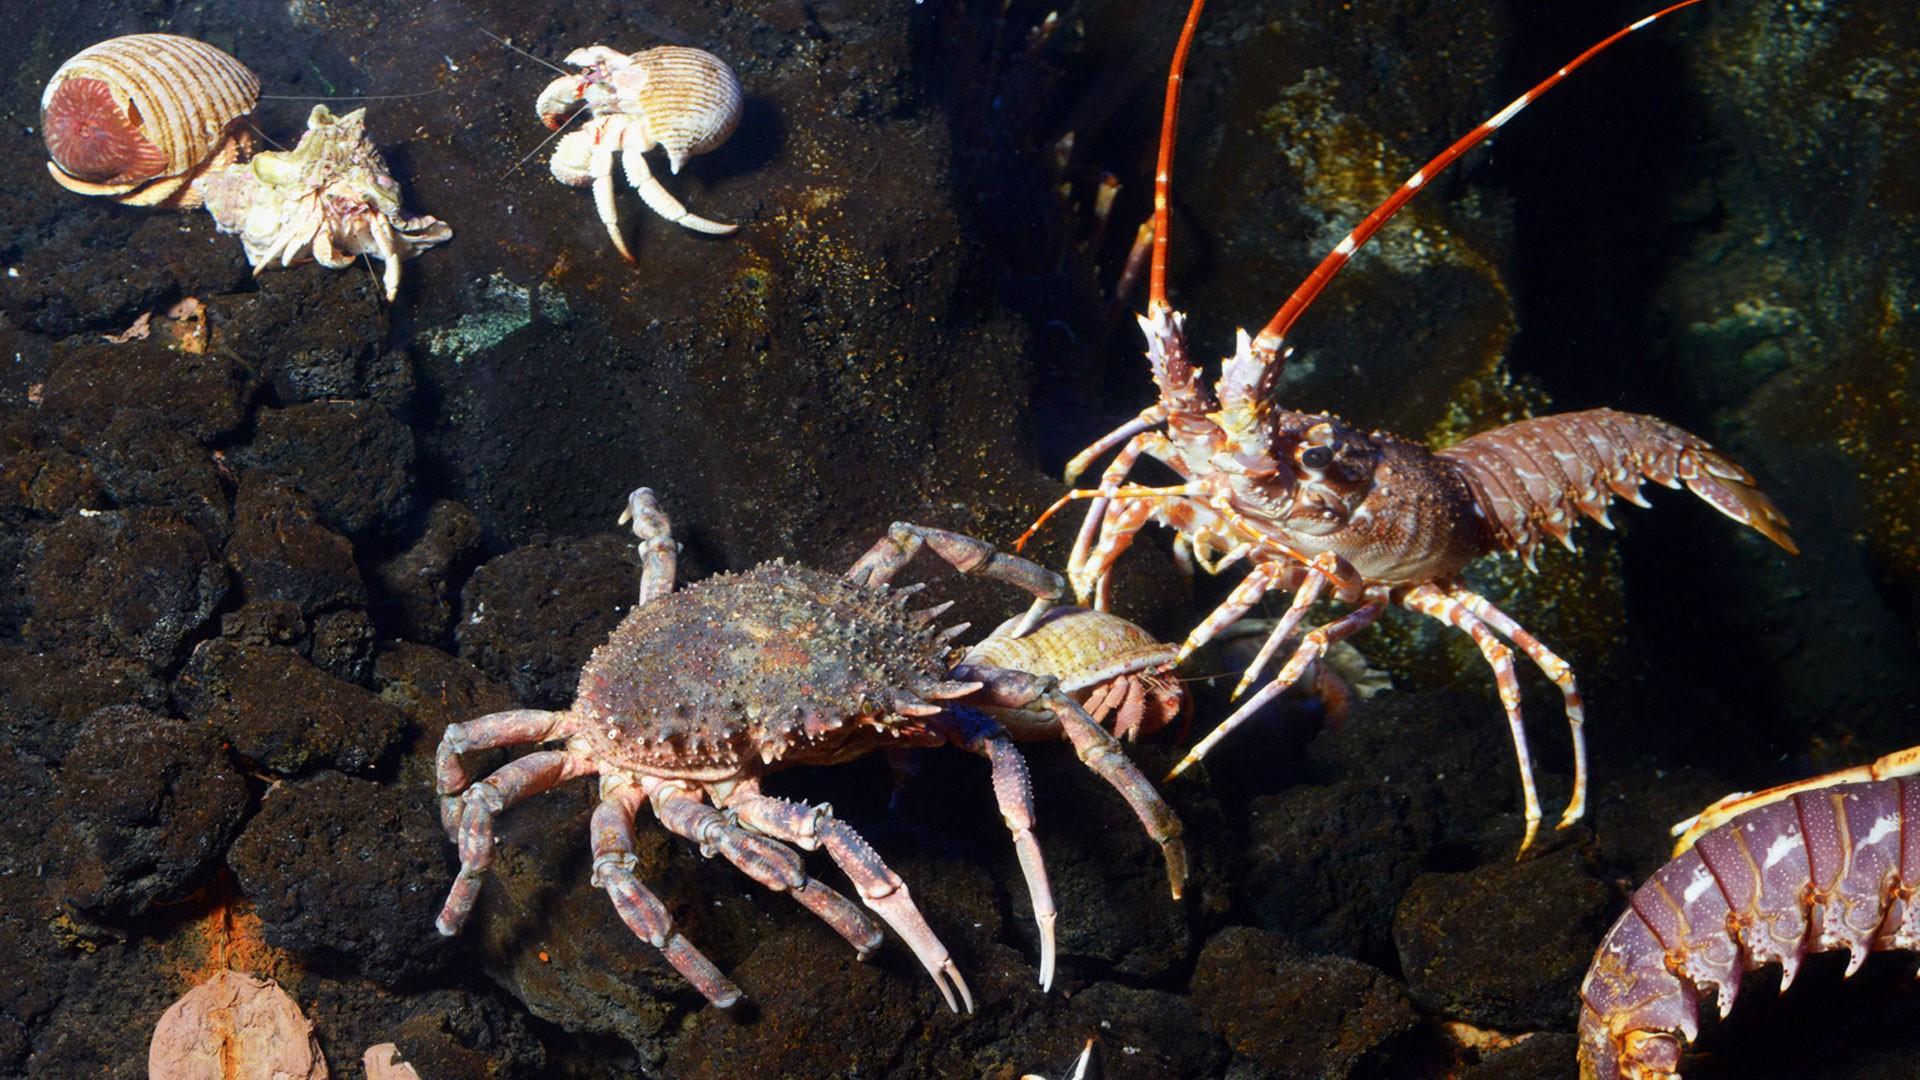 European spider crabs